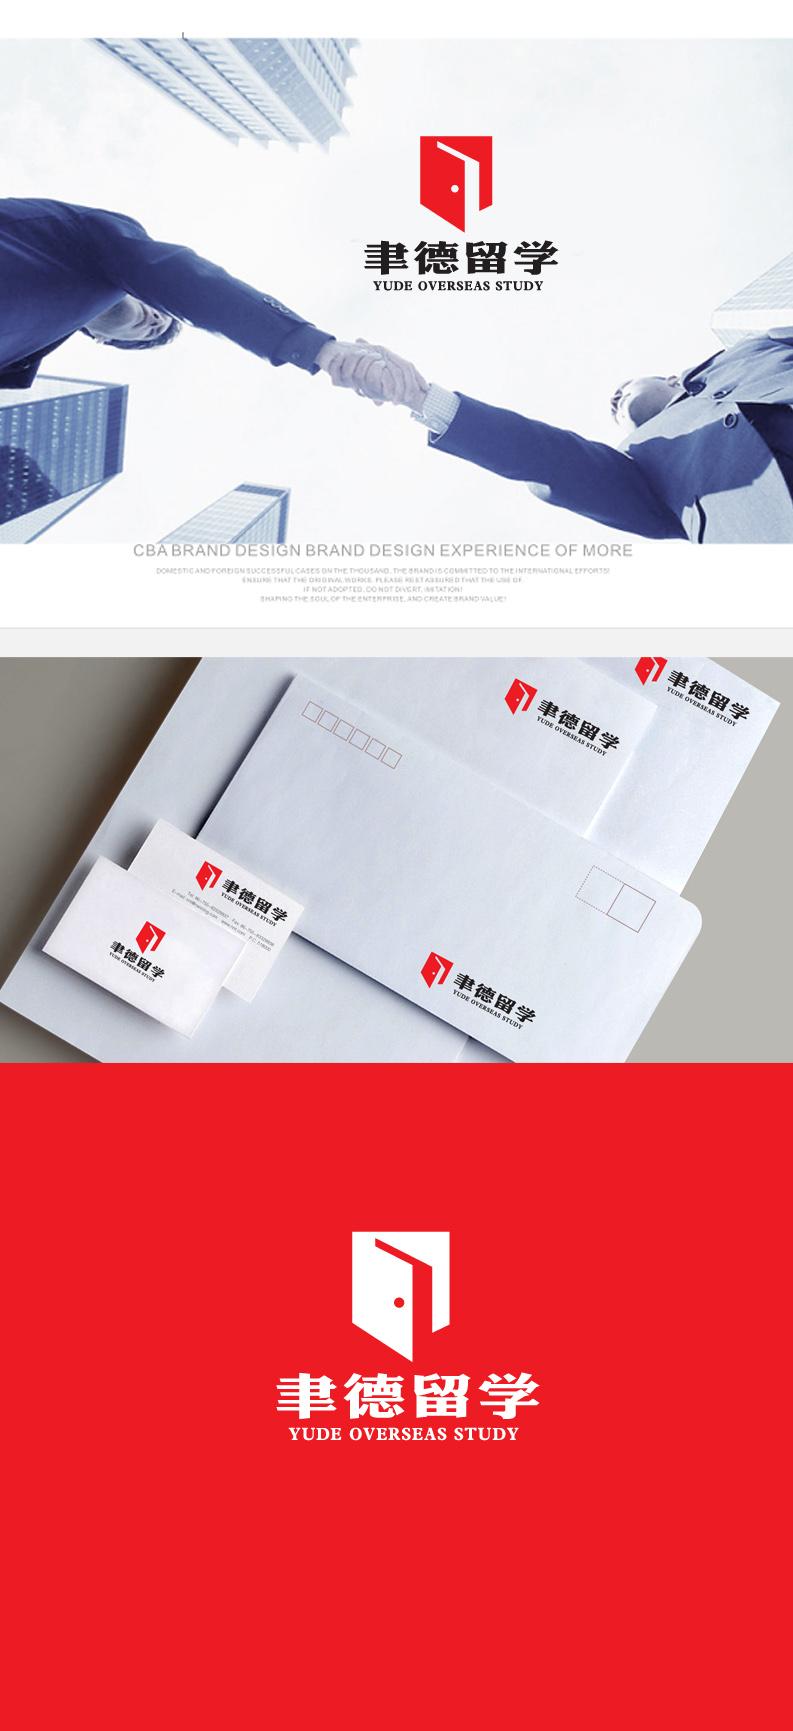 留学咨询公司标志设计_2963951_k68威客网